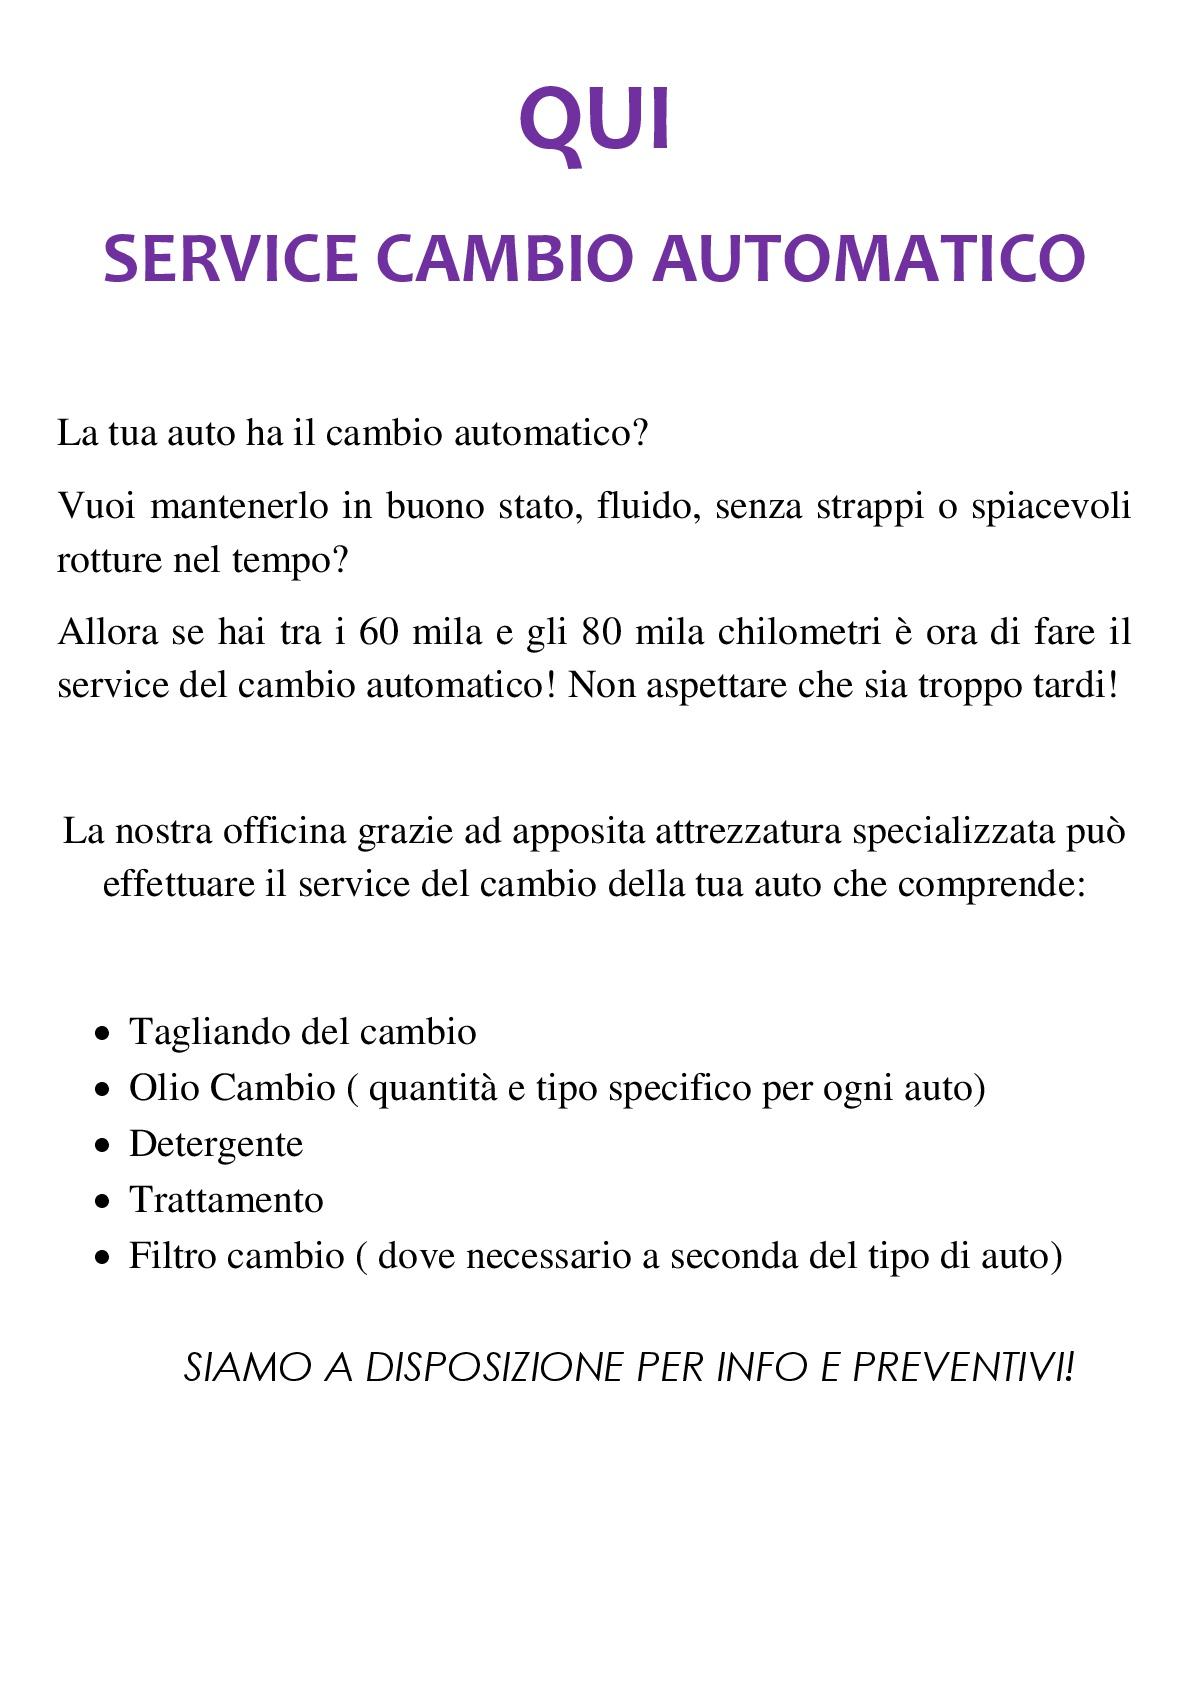 QUISERVICE CAMBIO AUT-001